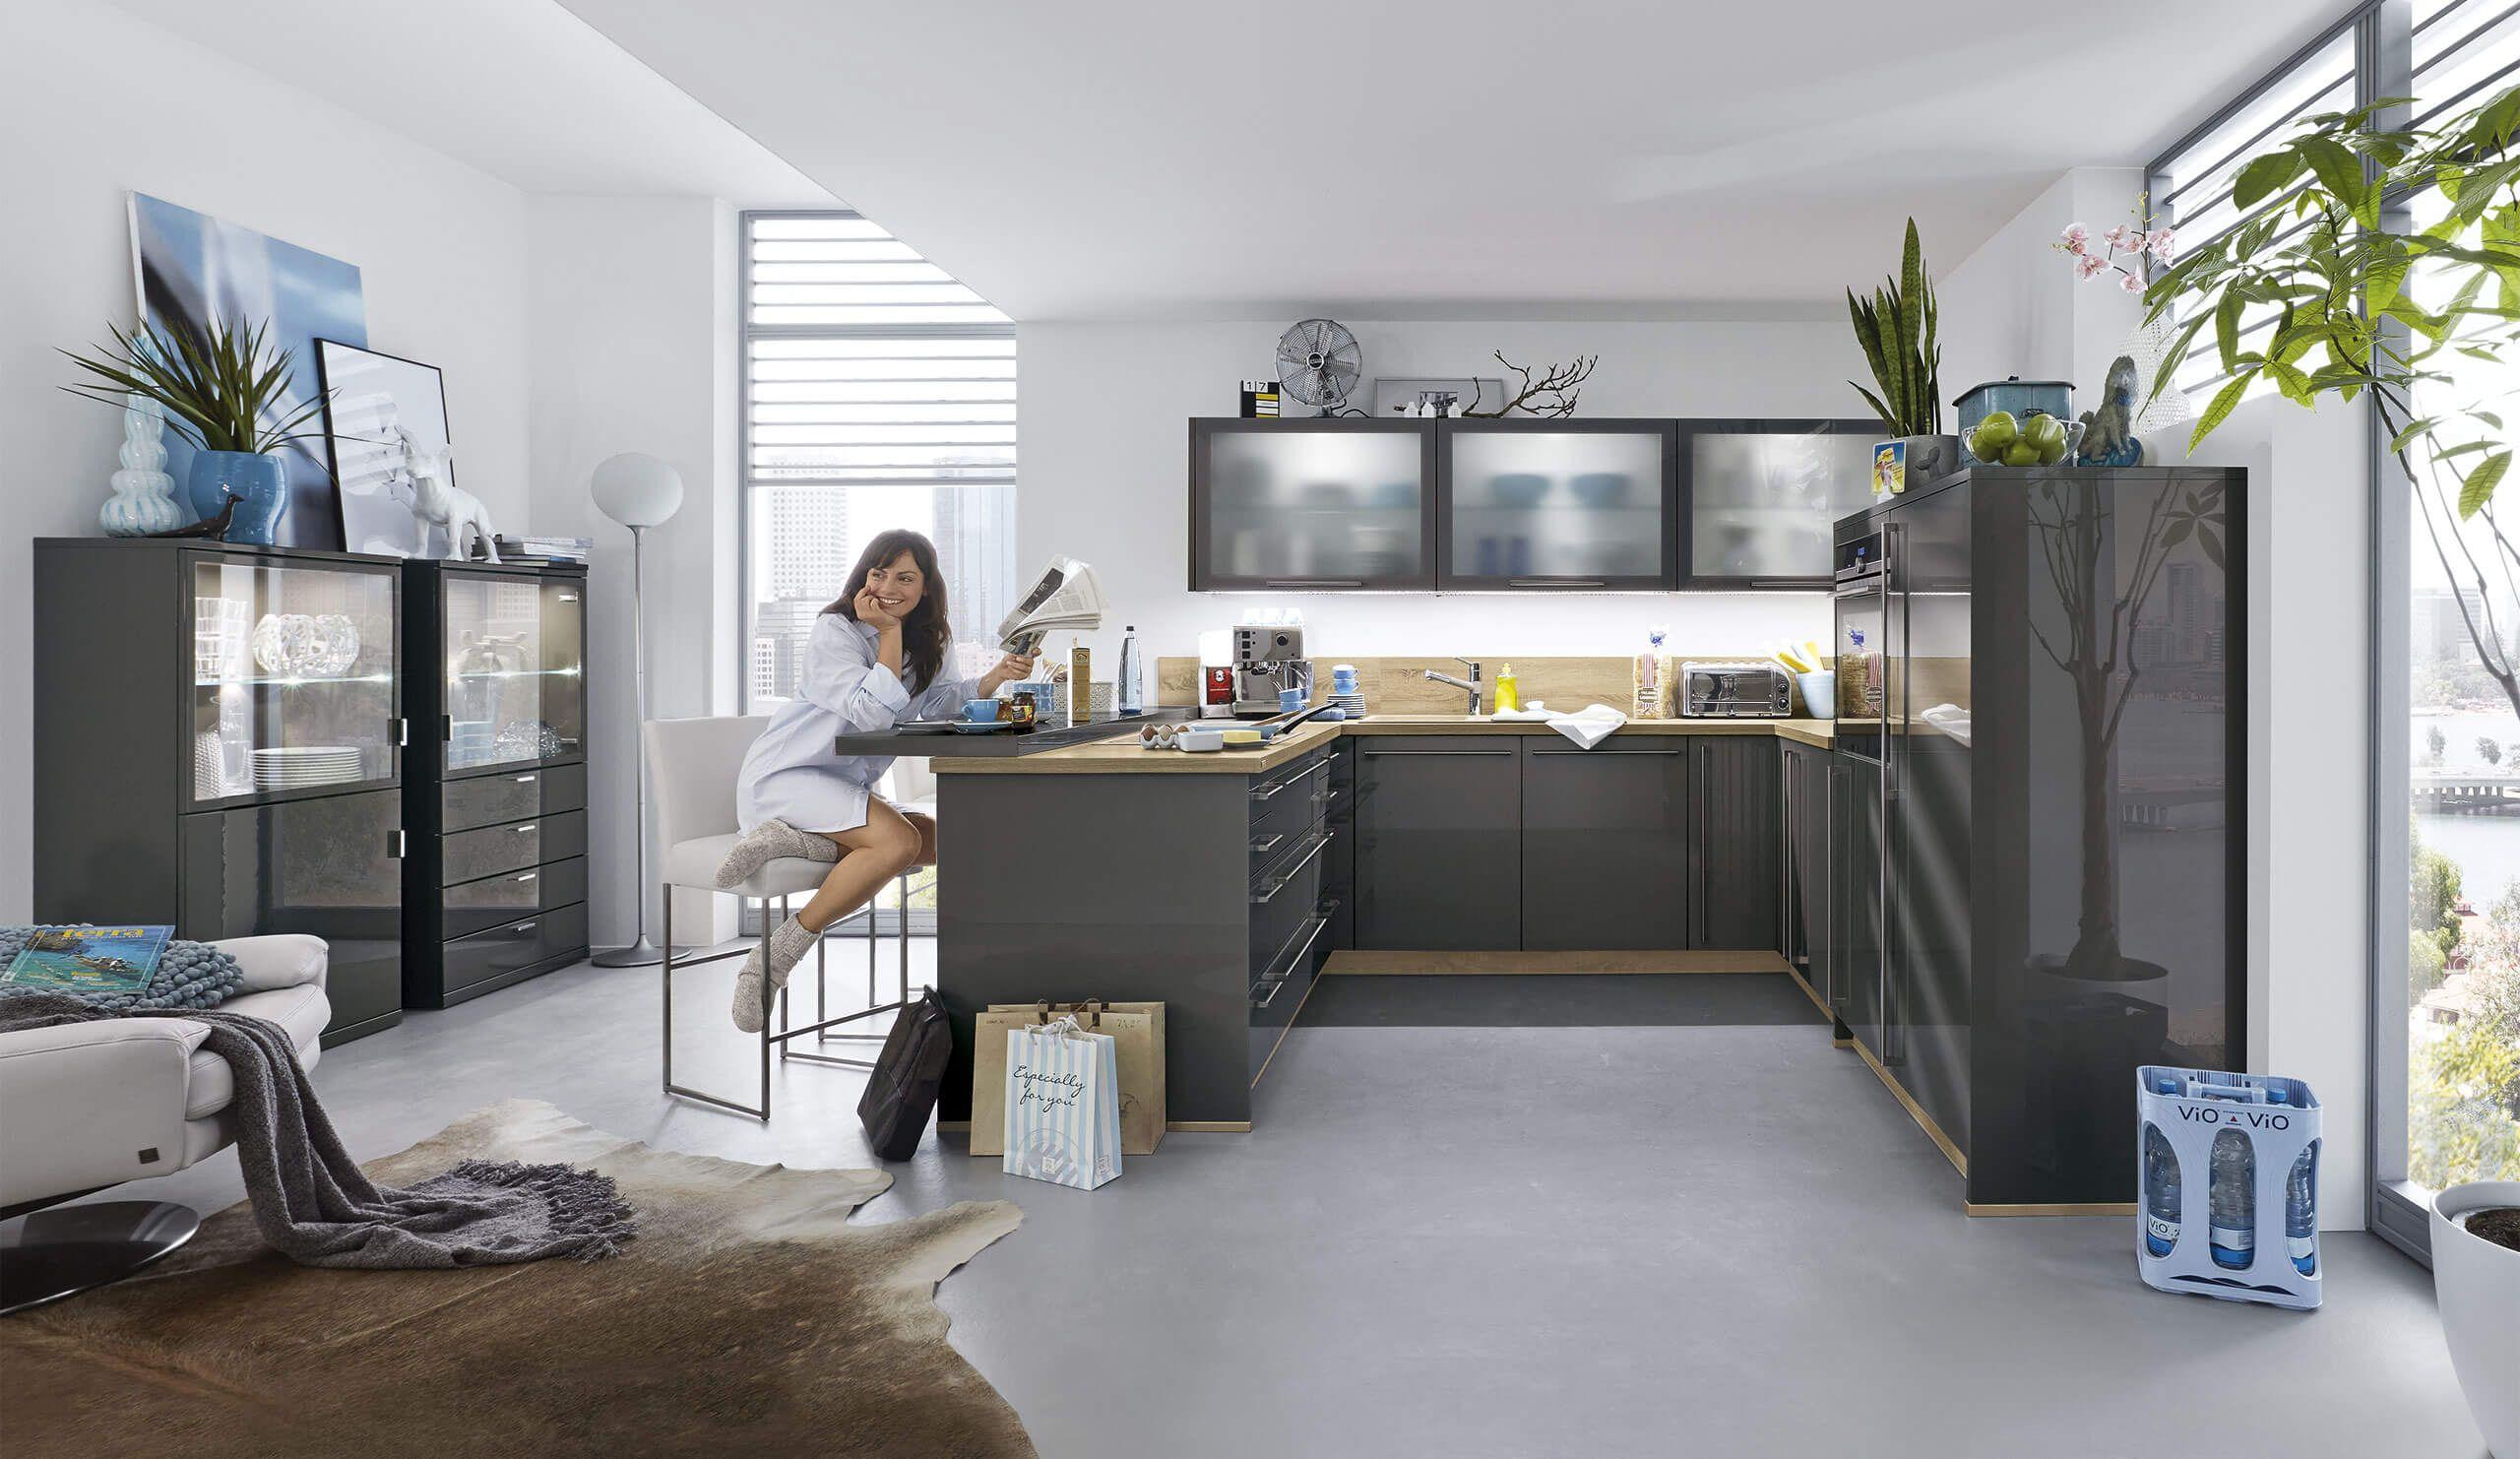 Küche Grau Hochglanz EBay Kleinanzeigen